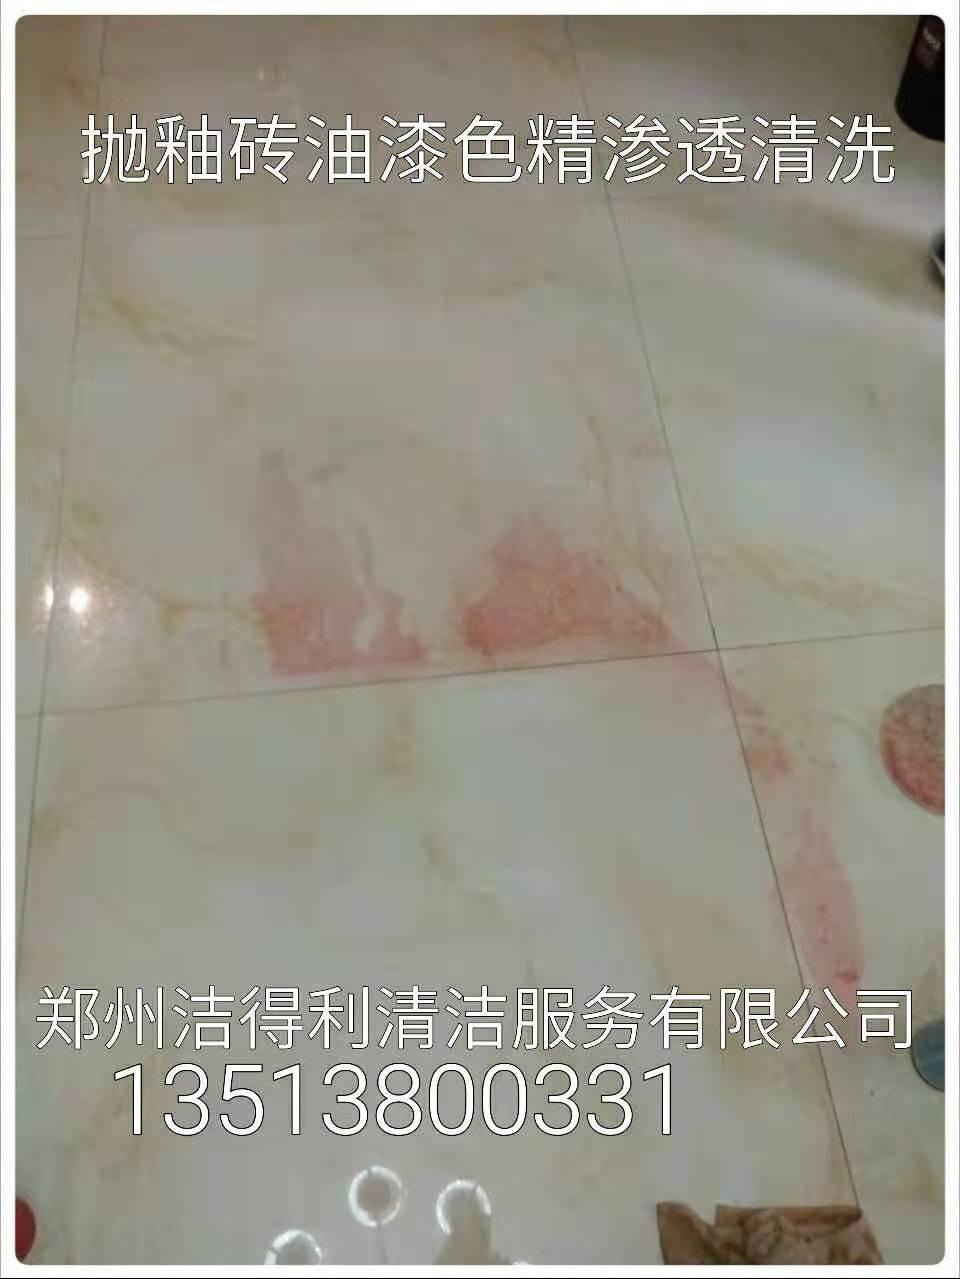 丽江地砖釉面光泽修复抛釉砖光泽度如何修复